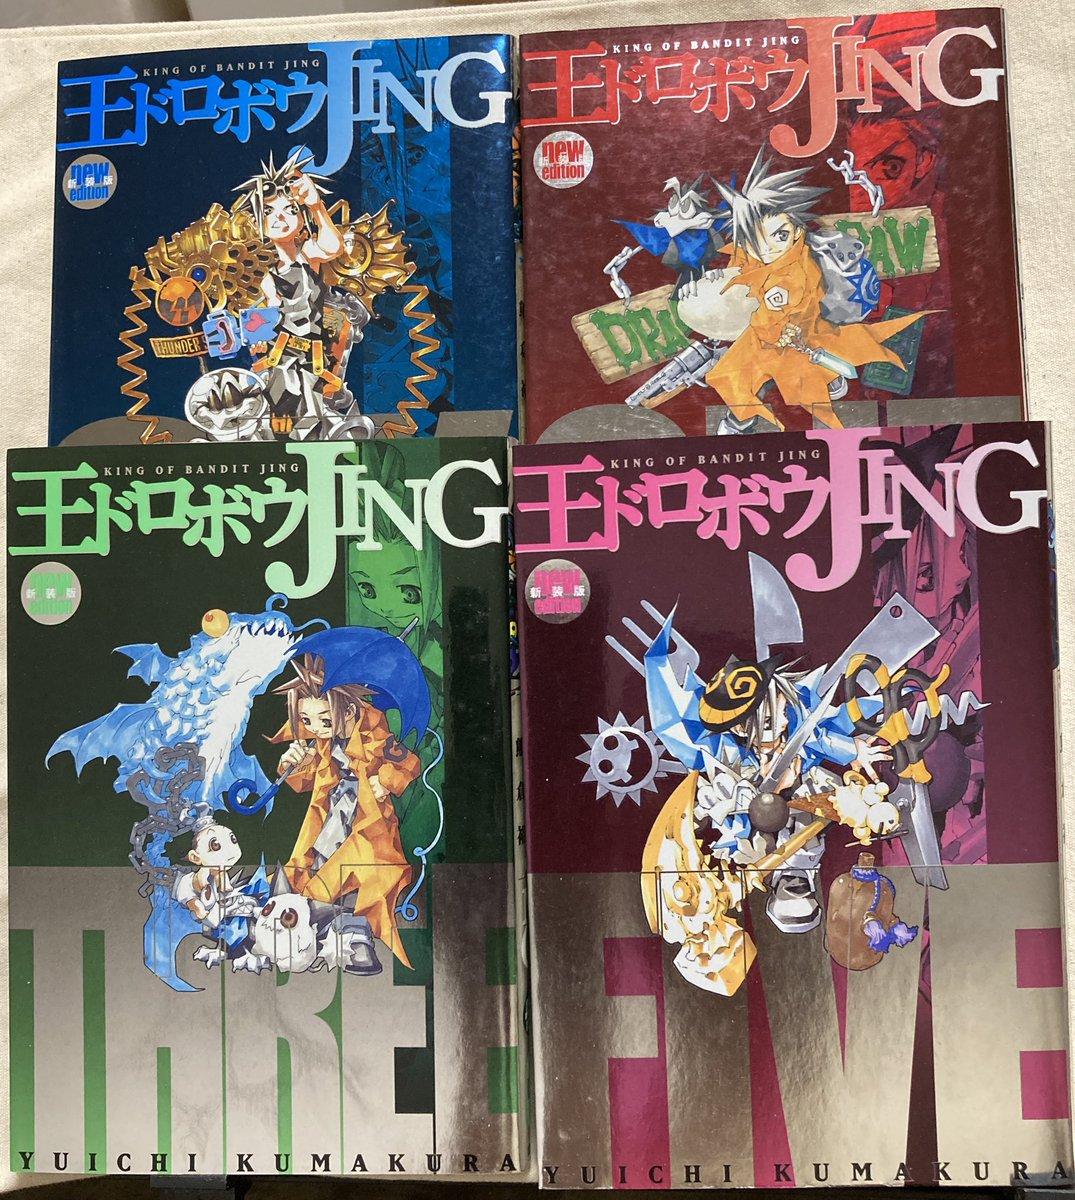 test ツイッターメディア - 王ドロボウJING 1,3,5-6巻 KING OF BANDIT JING 4-6巻  熊倉裕一先生の、知る人ぞ知る名作マンガ😊 当時はボンボンKCで確か5巻くらいまでは読んでたはず 揃えるのも、読むのも楽しみ🤗   #今日買った漫画 https://t.co/iW2qzw1kpN